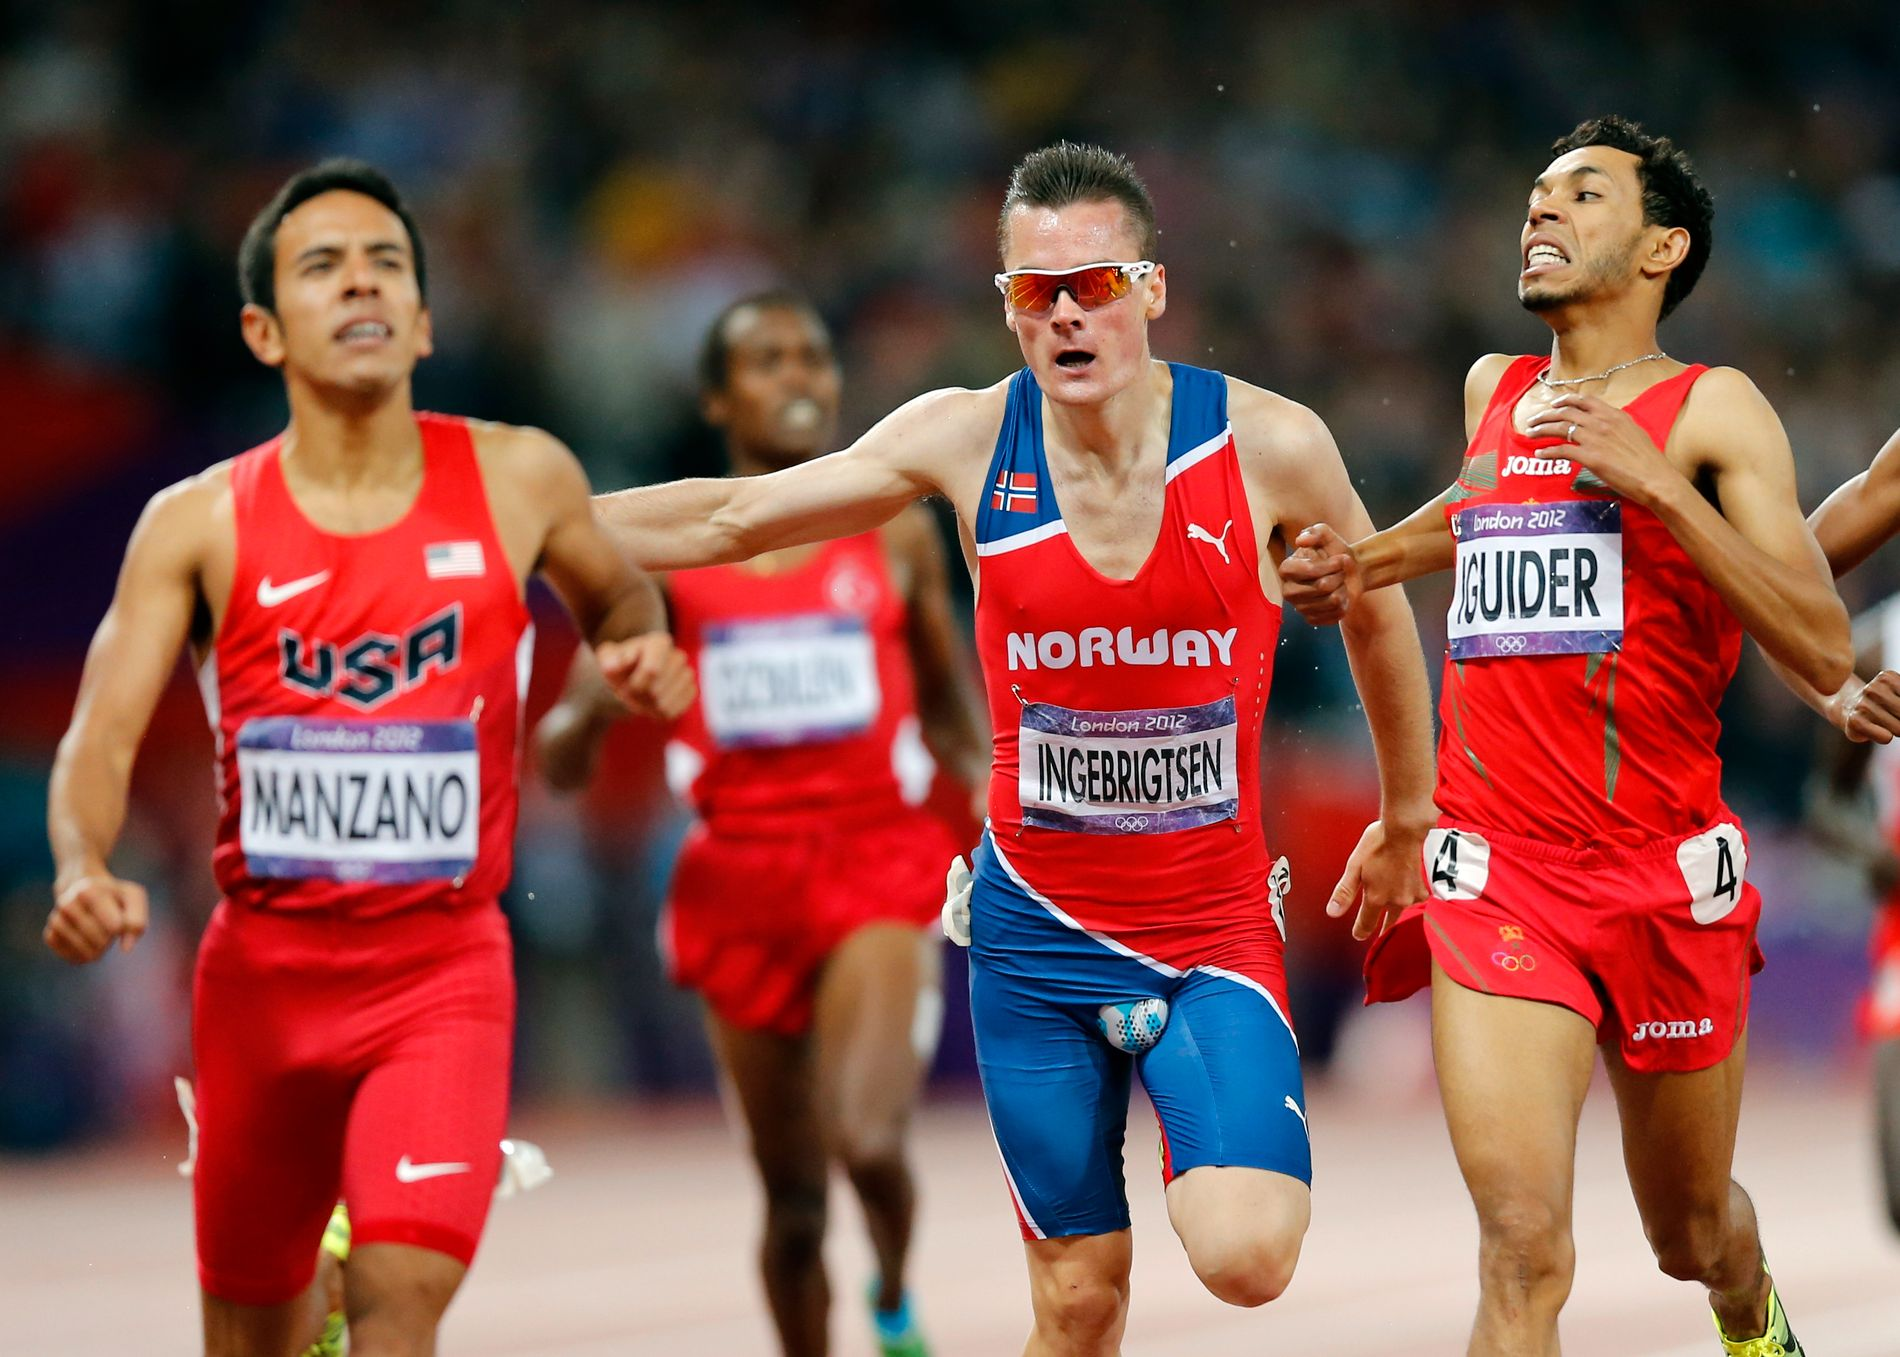 Henrik Ingebrigtsen spurter inn til en femteplass under OL i London i 2012 med en sprekk i drakten på et veldig underlig sted. Etter dette var han plutselig en mann alle kjente til. Nordmannen som hevdet seg på 1500 meter.